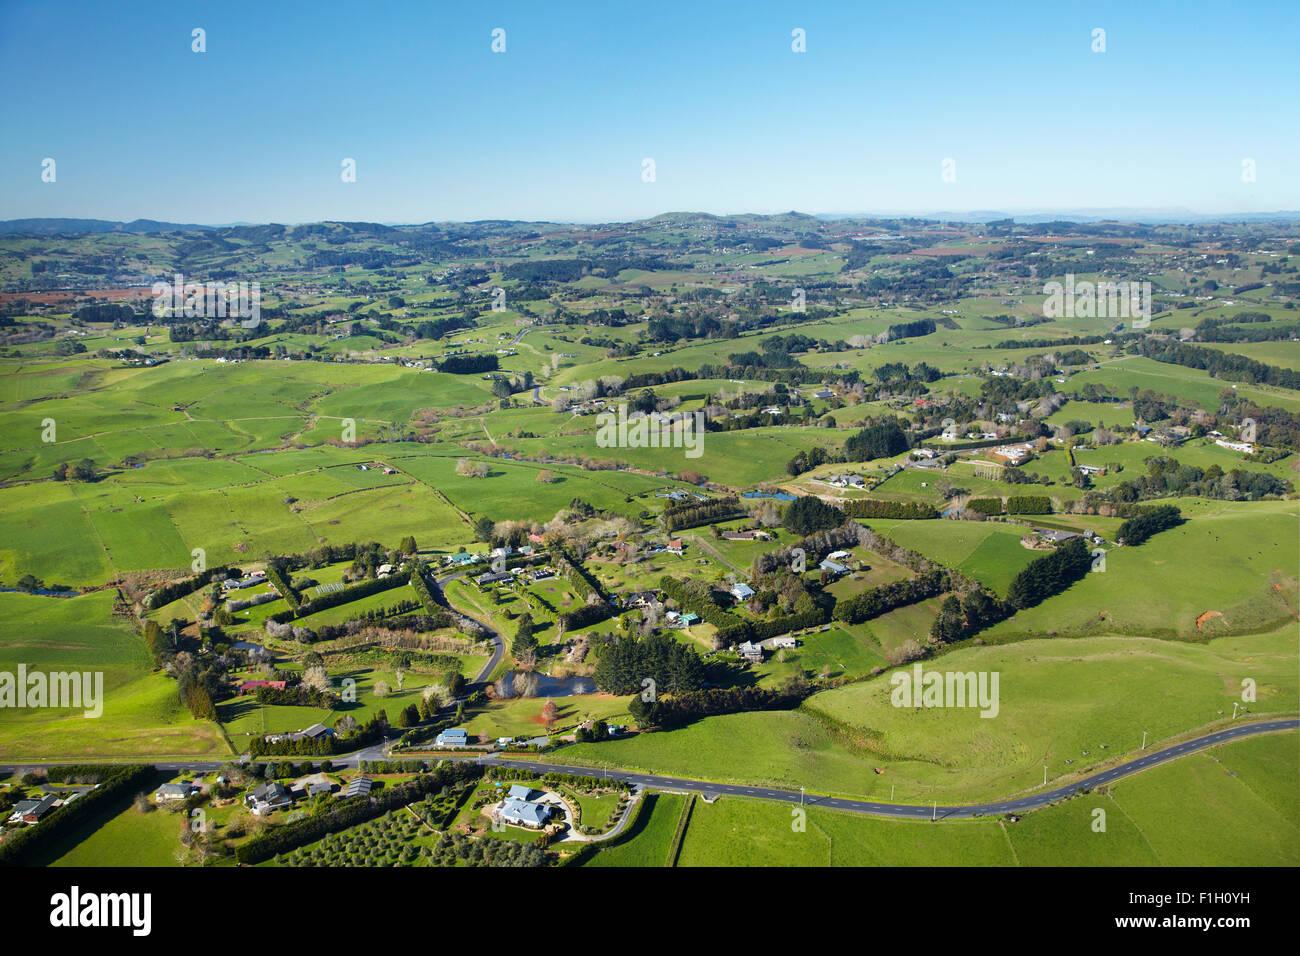 Ackerland und Lifestyle Eigenschaften, in der Nähe von City, South Auckland, Nordinsel, Neuseeland - Antenne Stockbild